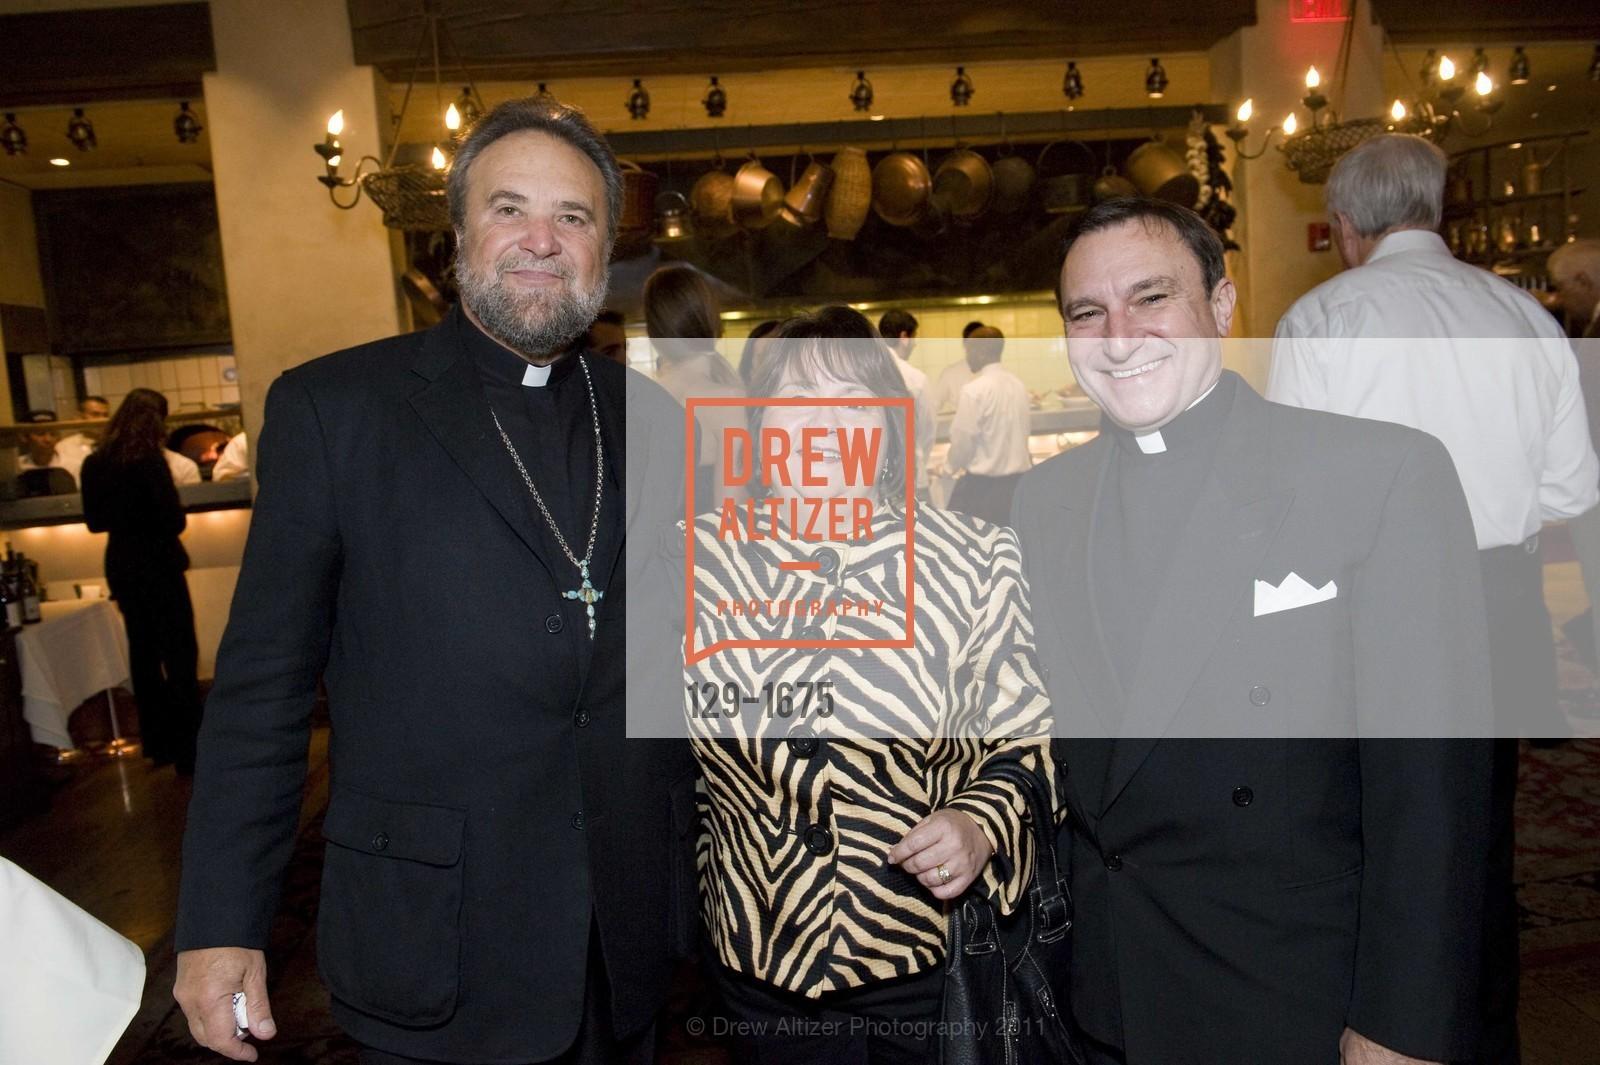 Father John Bakas, Valerie Metrakos, Father Aris Metrakos, Photo #129-1675